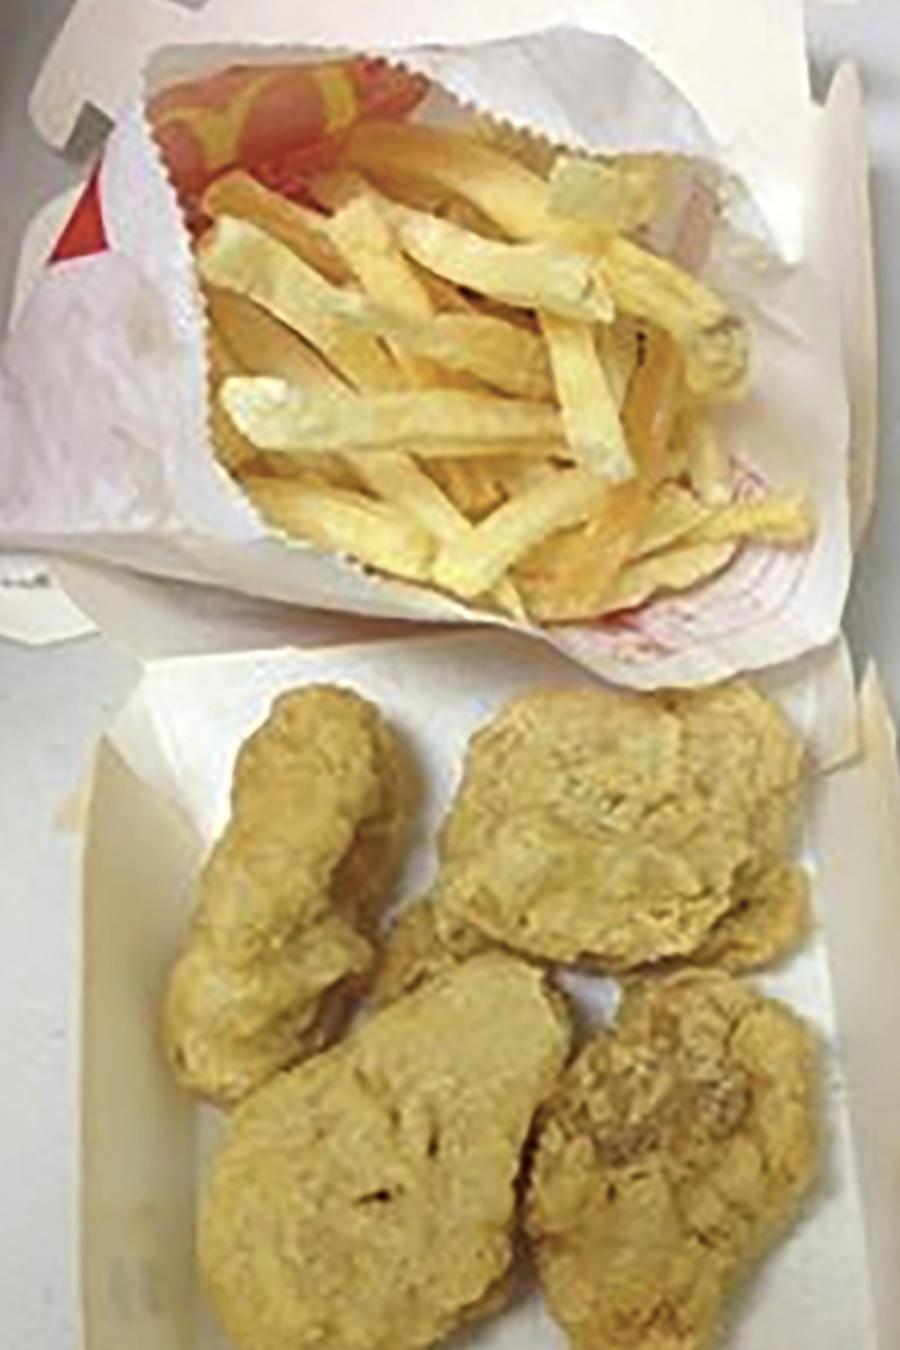 Dos imágenes de una happy meal cerrada y abierta